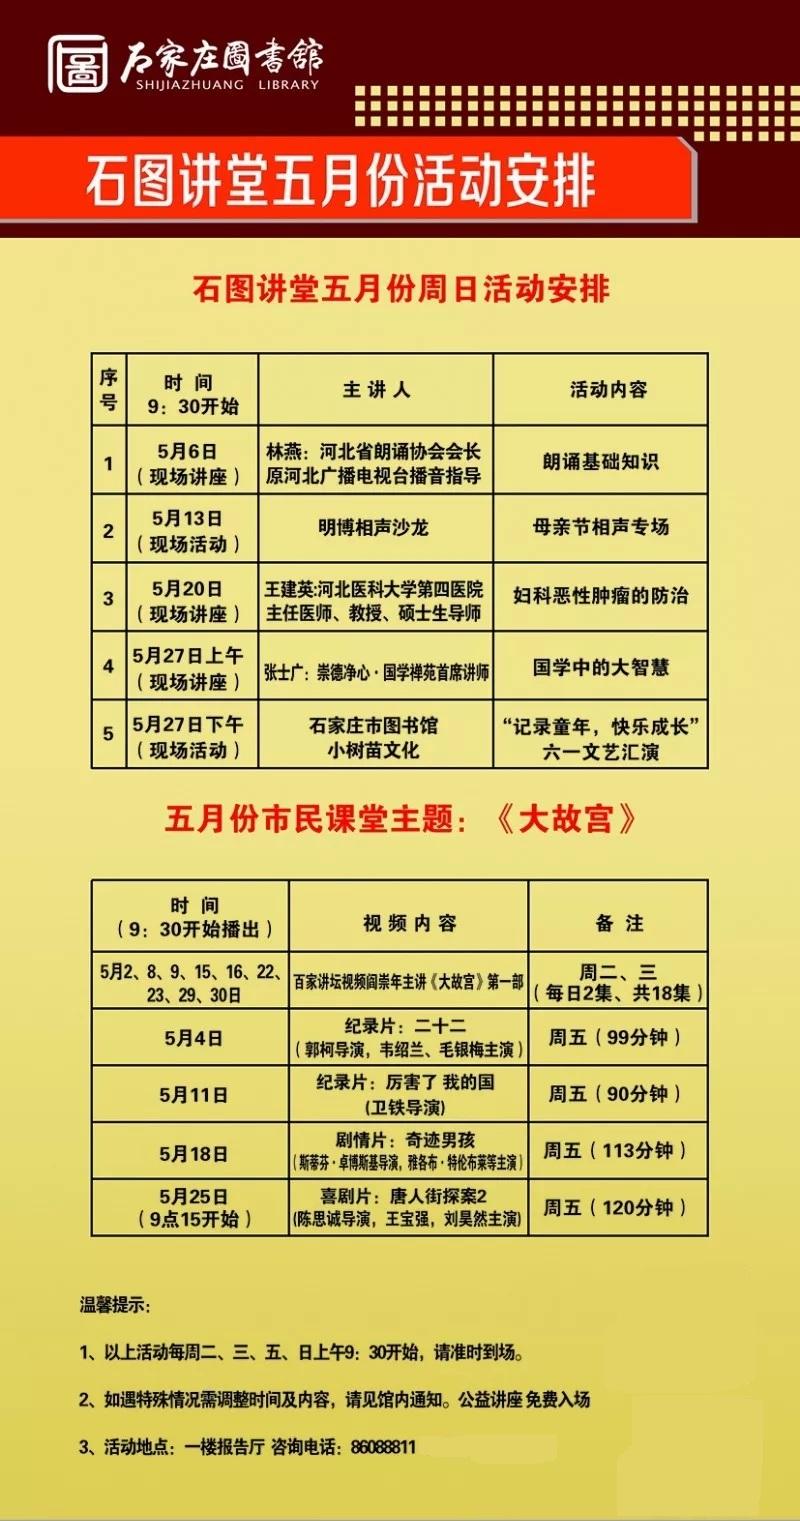 石家庄市图书馆周末活动(持续更新)